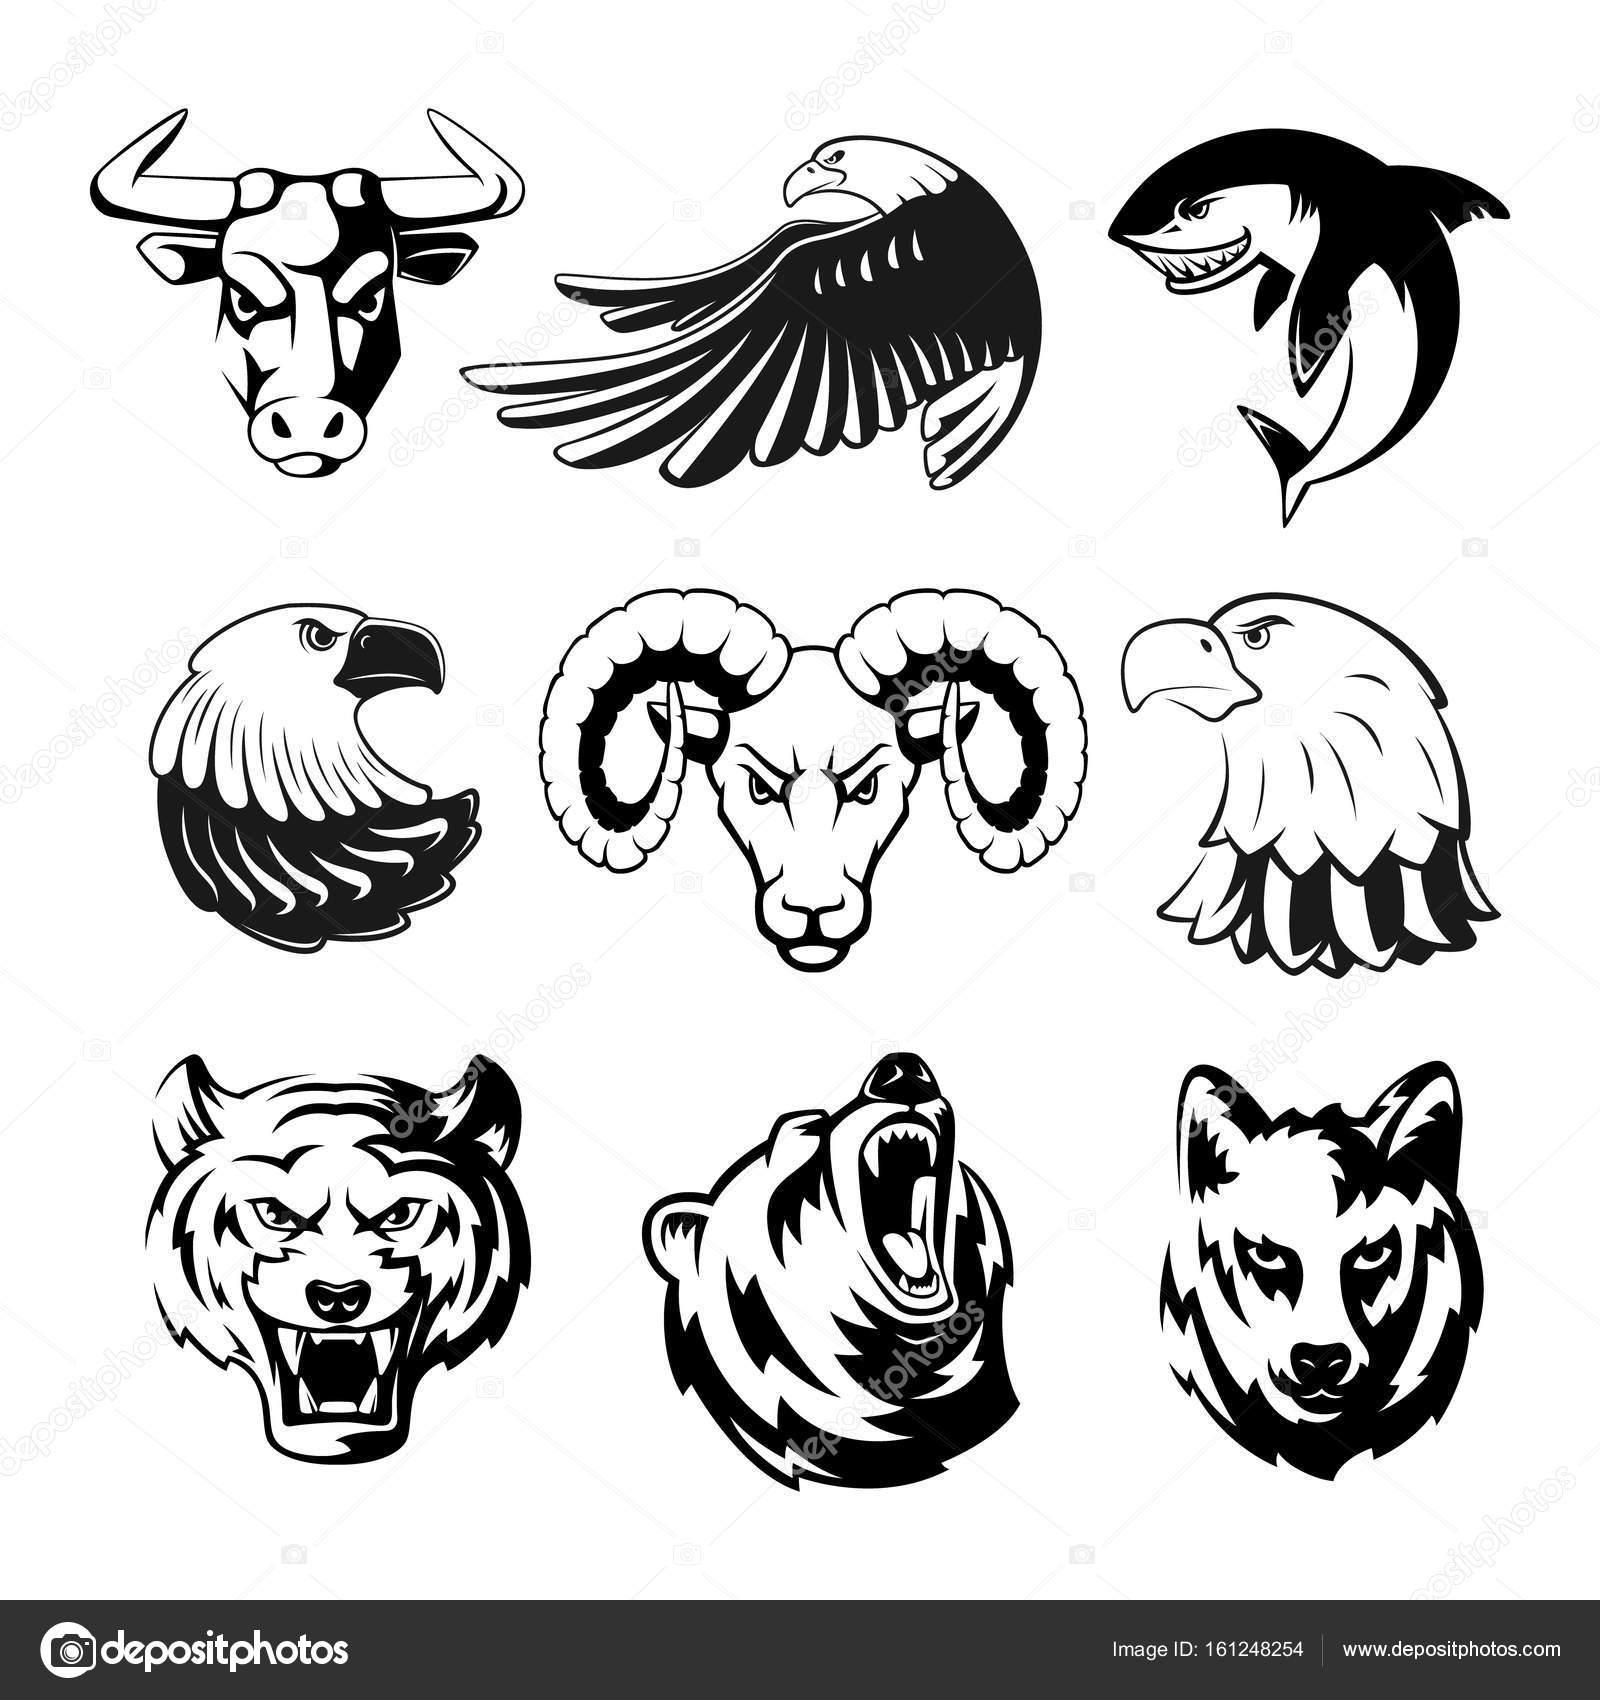 ロゴやスポーツの記号のための動物の頭。グリズリー、クマ、ワシ